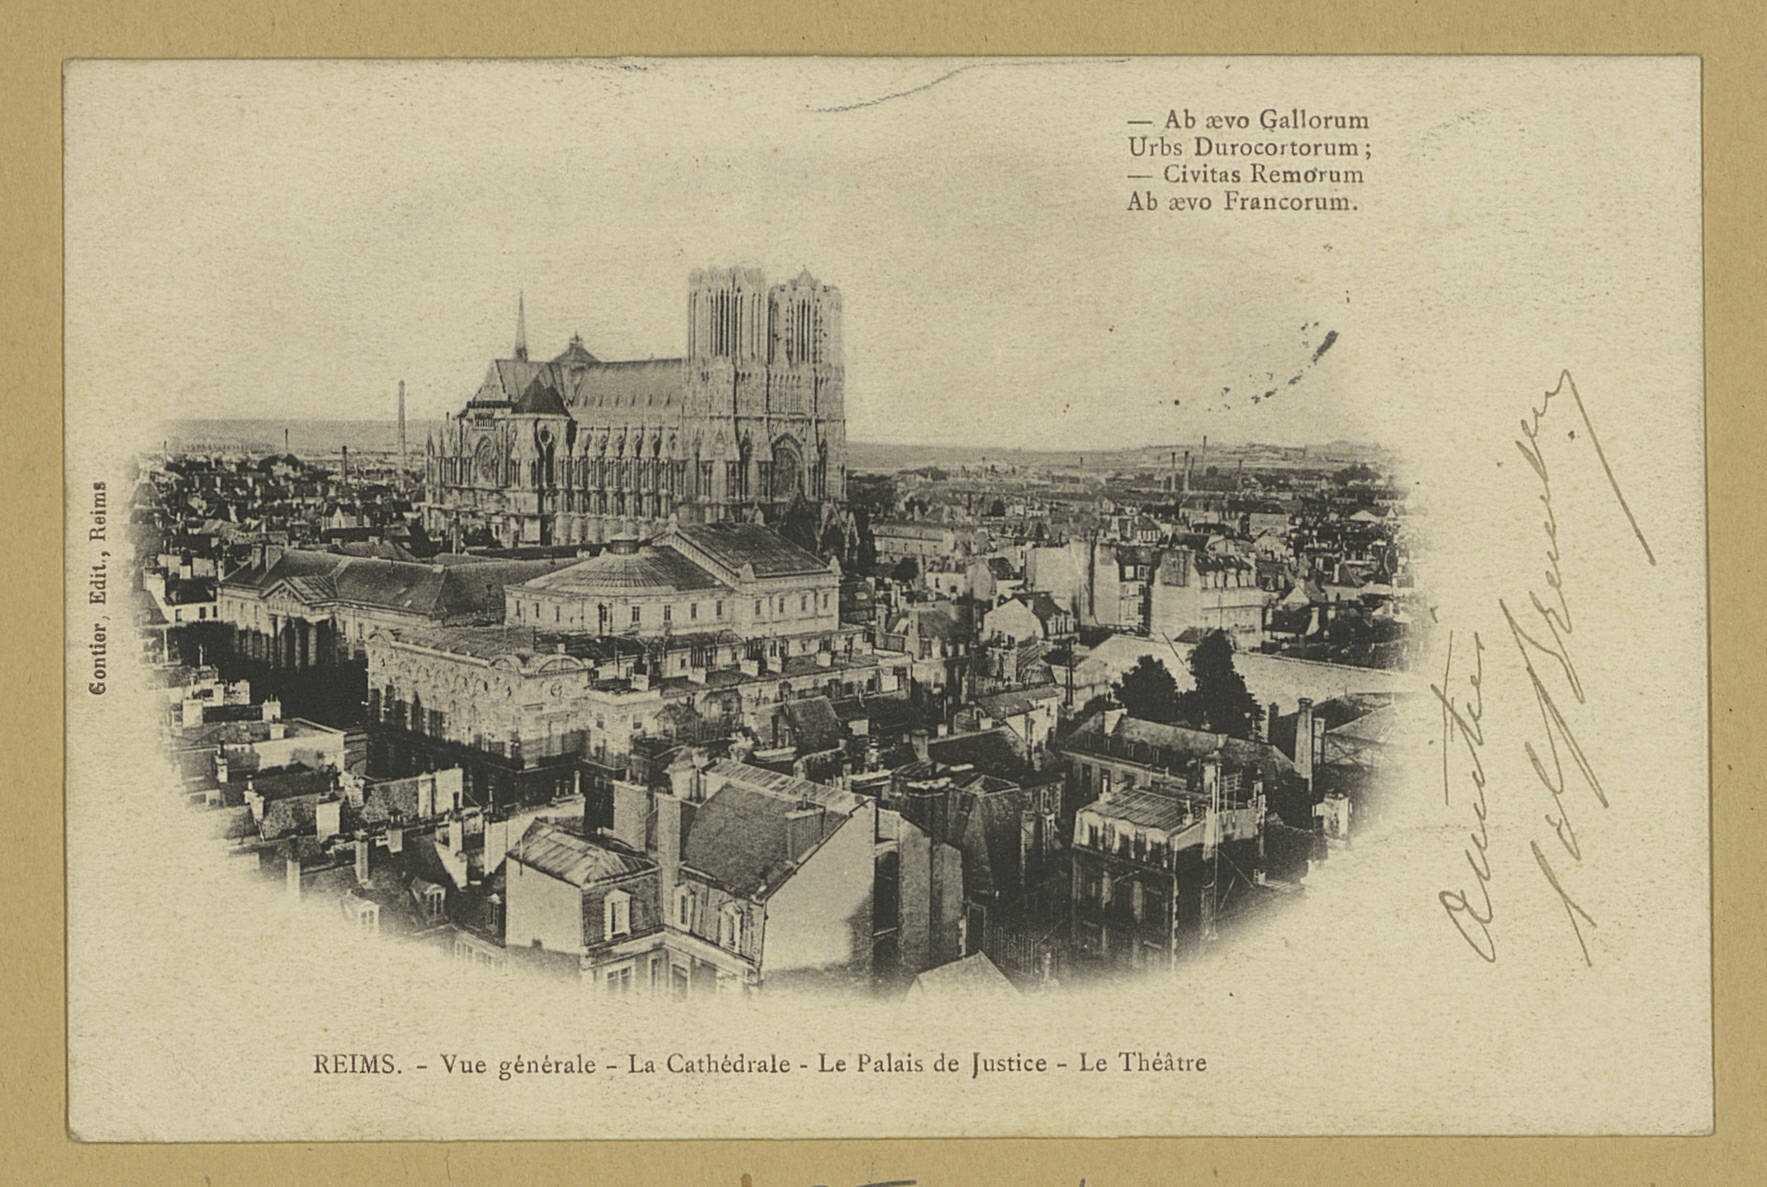 REIMS. Vue générale - La cathédrale - Le Palais de Justice - Le Théâtre. Reims Gontier. 1903